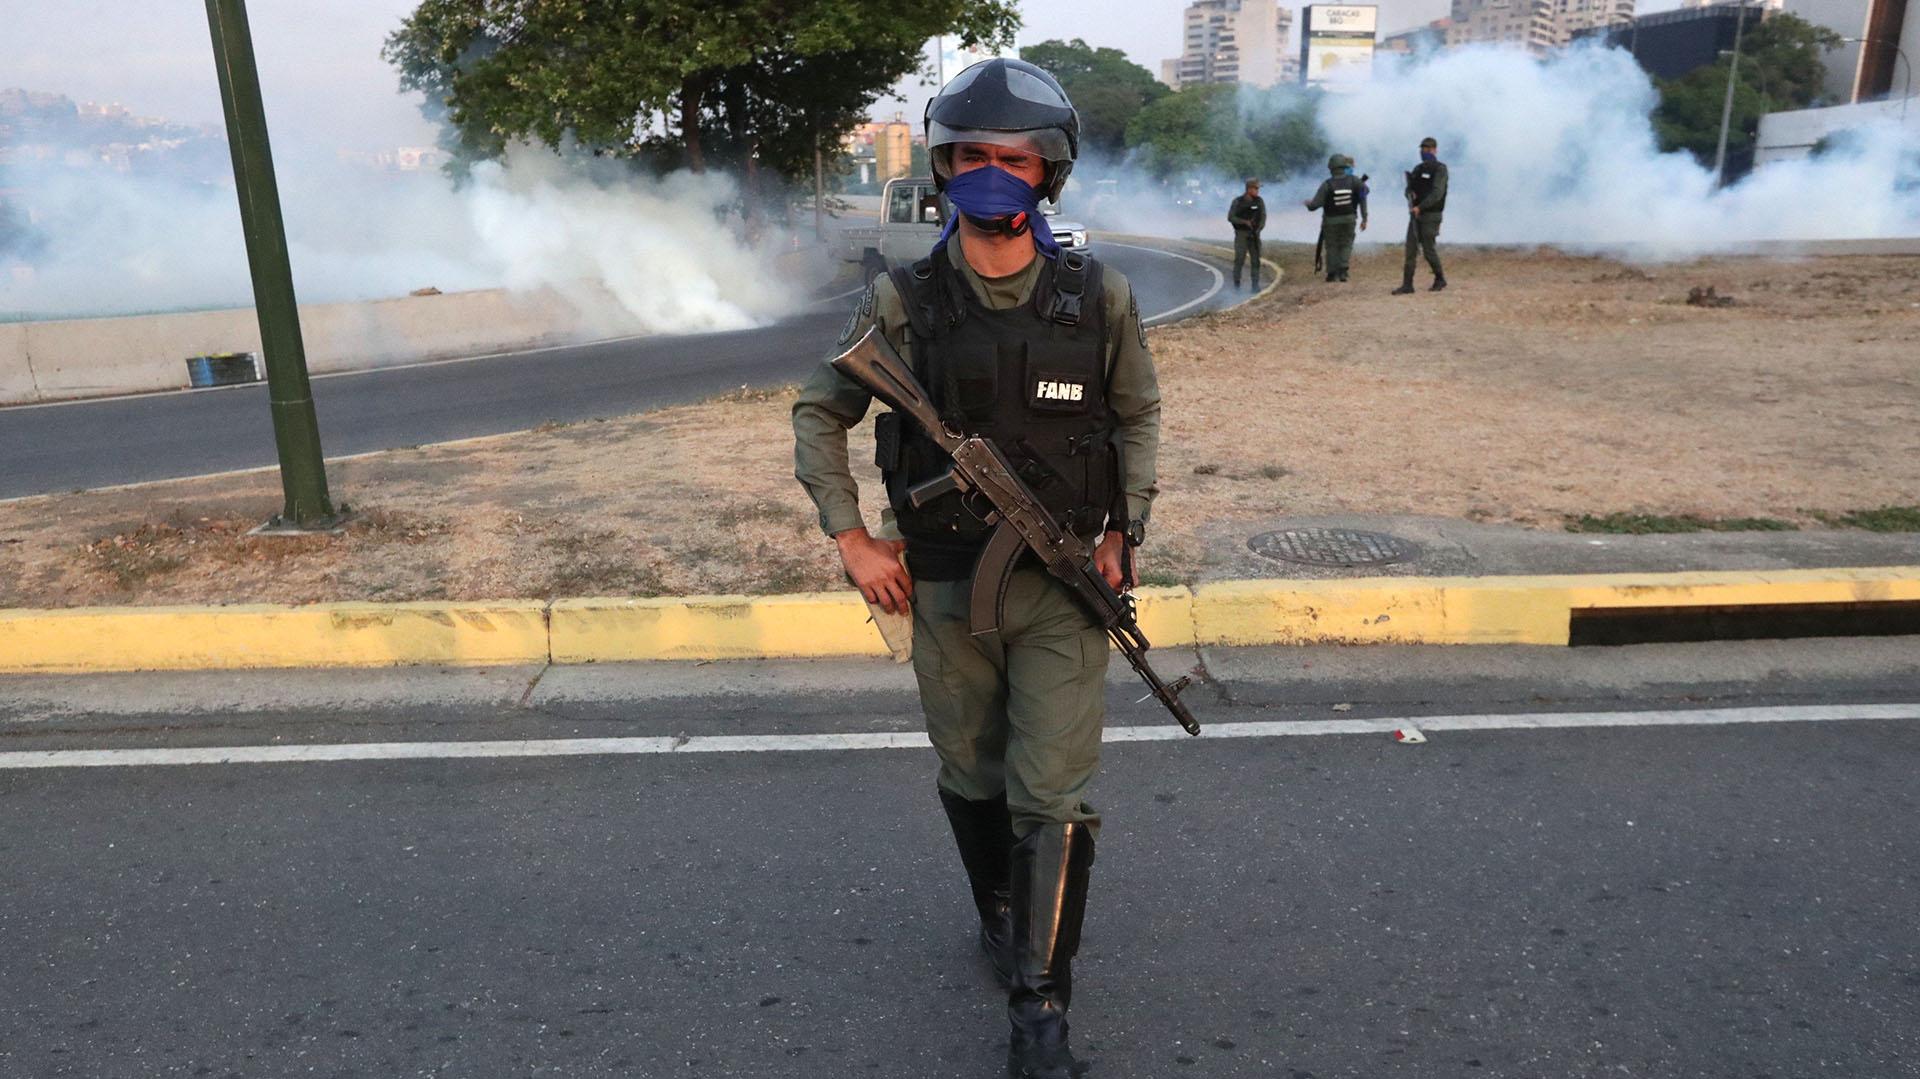 Un miembro de la Guardia Nacional en la base de La Carlota, al este de Caracas, donde ha sido conducido el opositor Leopoldo López, tras ser liberado este martes y donde se ha reunido con el presidente Juan Guaidó, que ha anunciado que los militares han dado el paso para unirse a él.